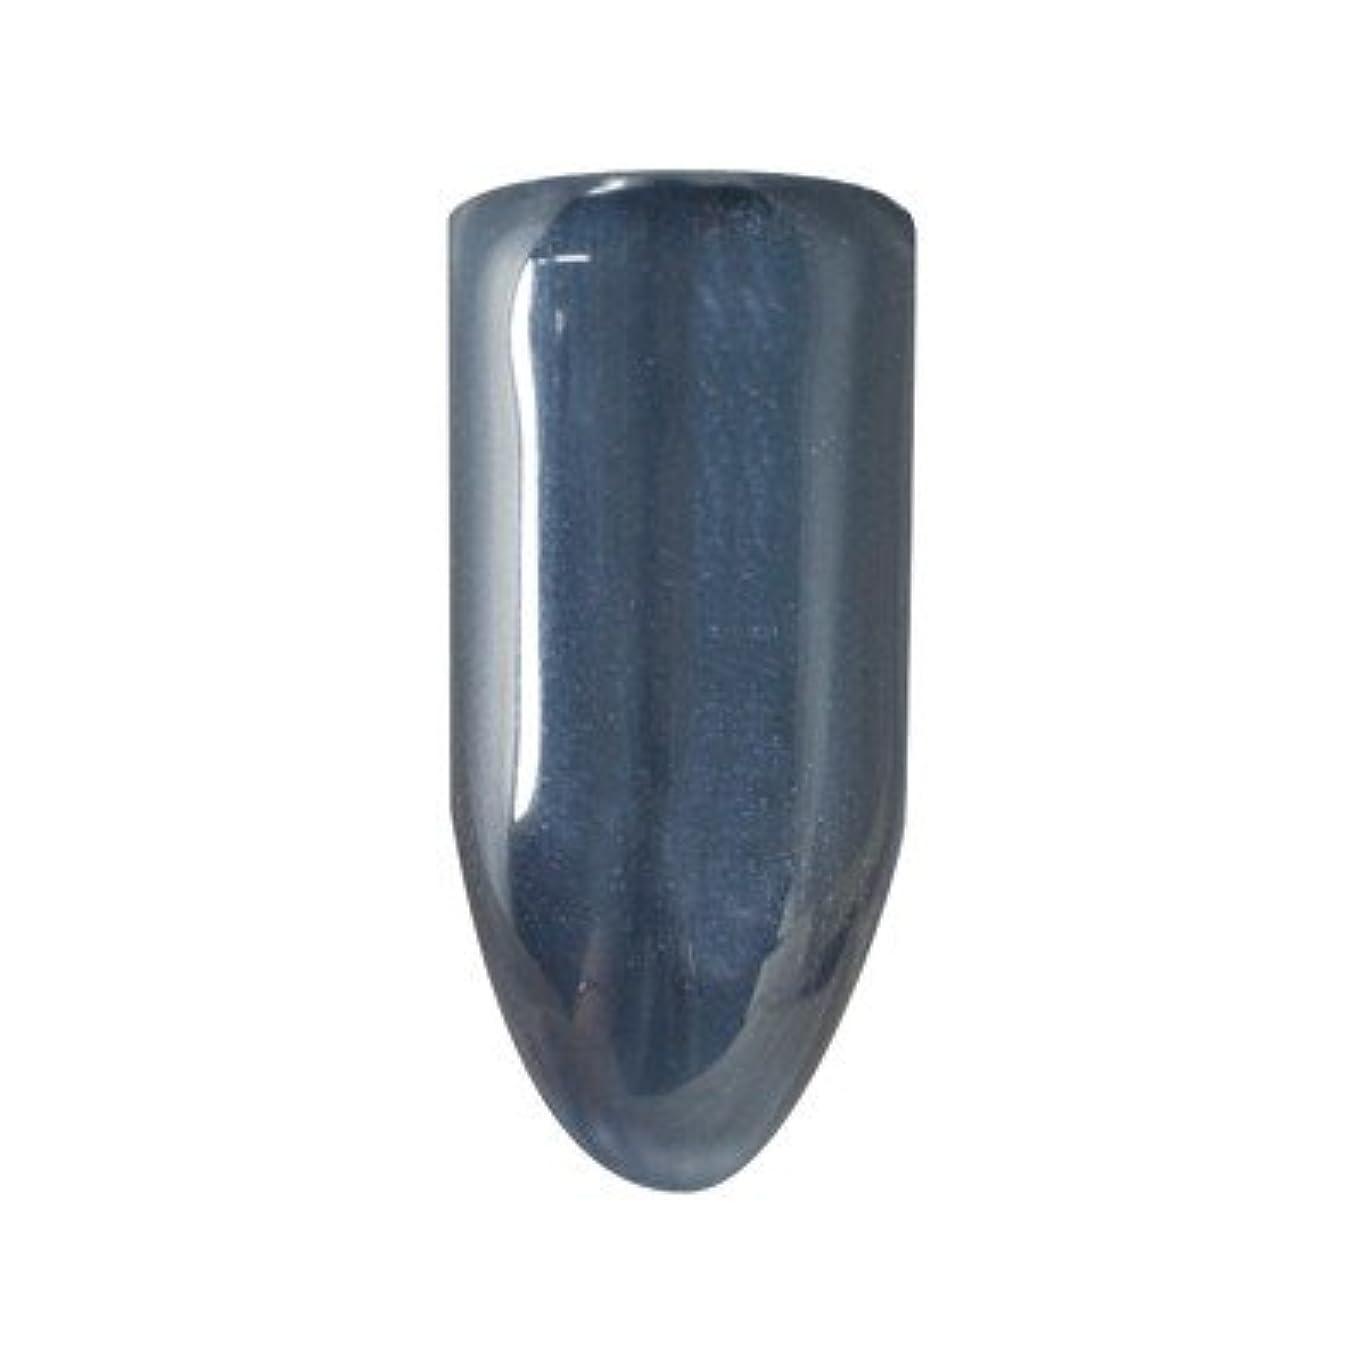 セージ不振デュアルバイオスカルプチュアジェル カラージェル 127 ヴィクトりアフォールズ K 4.5g